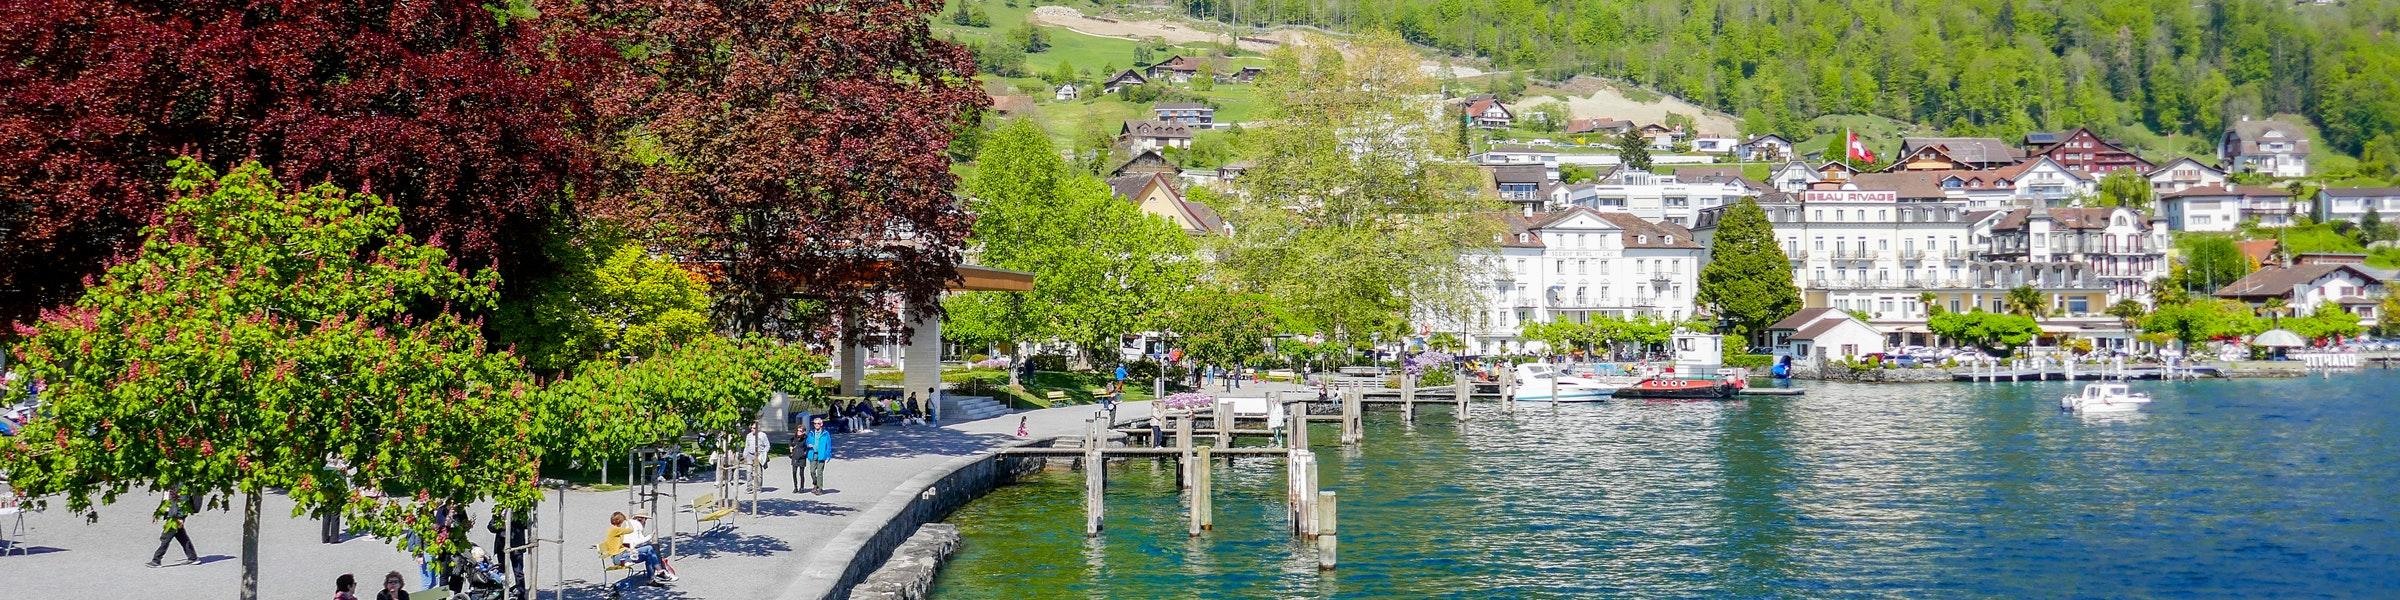 Weggis lakefront